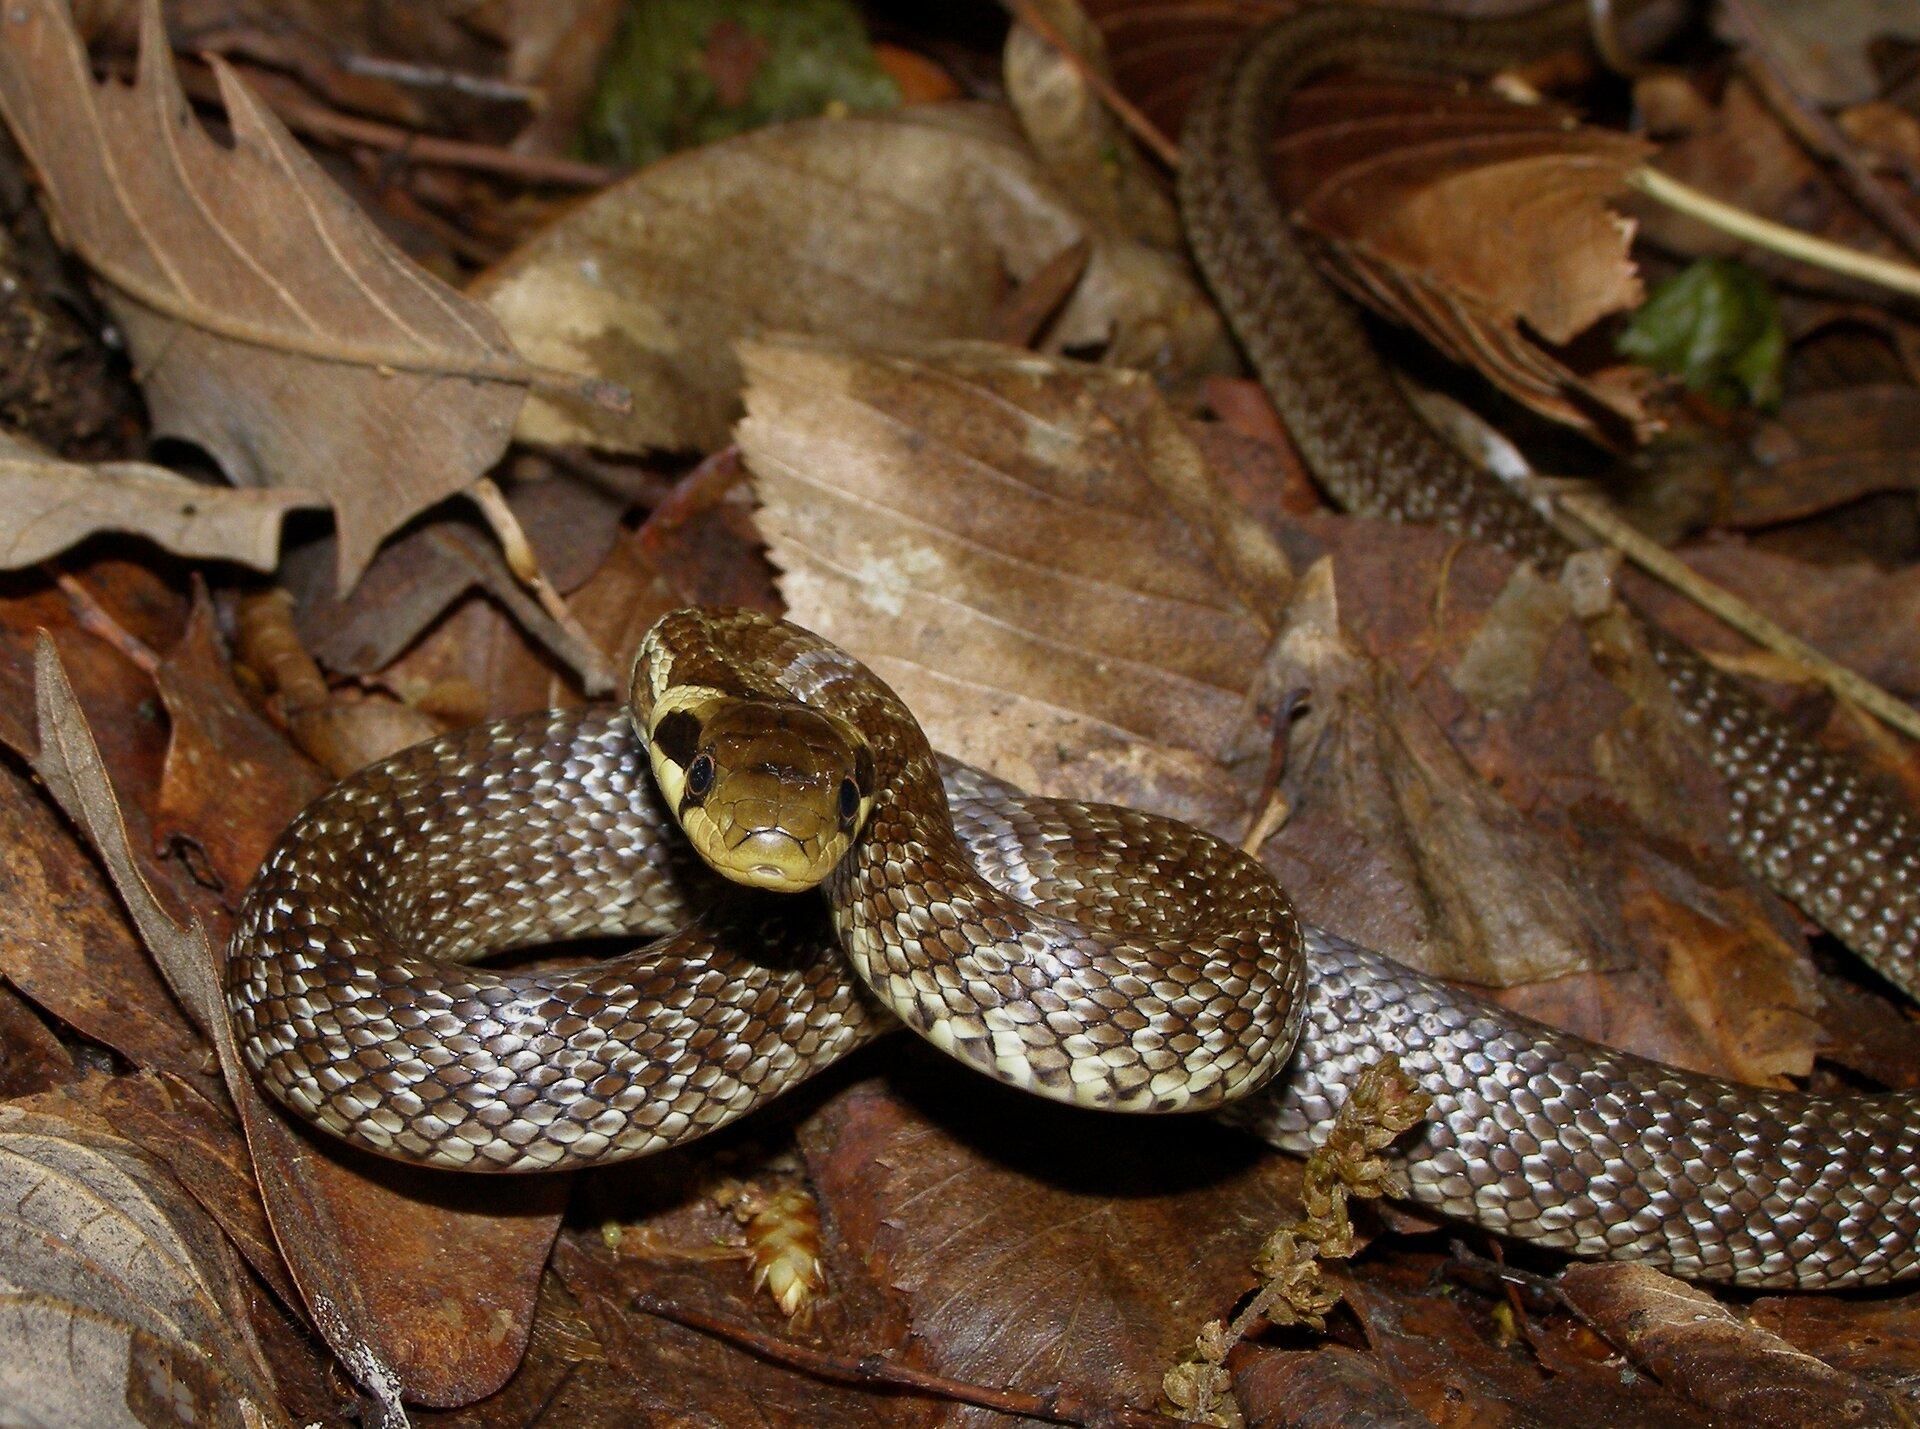 Fotografia przedstawia przednią połowę ciała węża Eskulapa, leżącego na ziemi, pokrytej suchymi liśćmi. Ma lekko uniesioną beżową głowę. Łuski na ciele gładkie, przylegające, obarwie szarej.